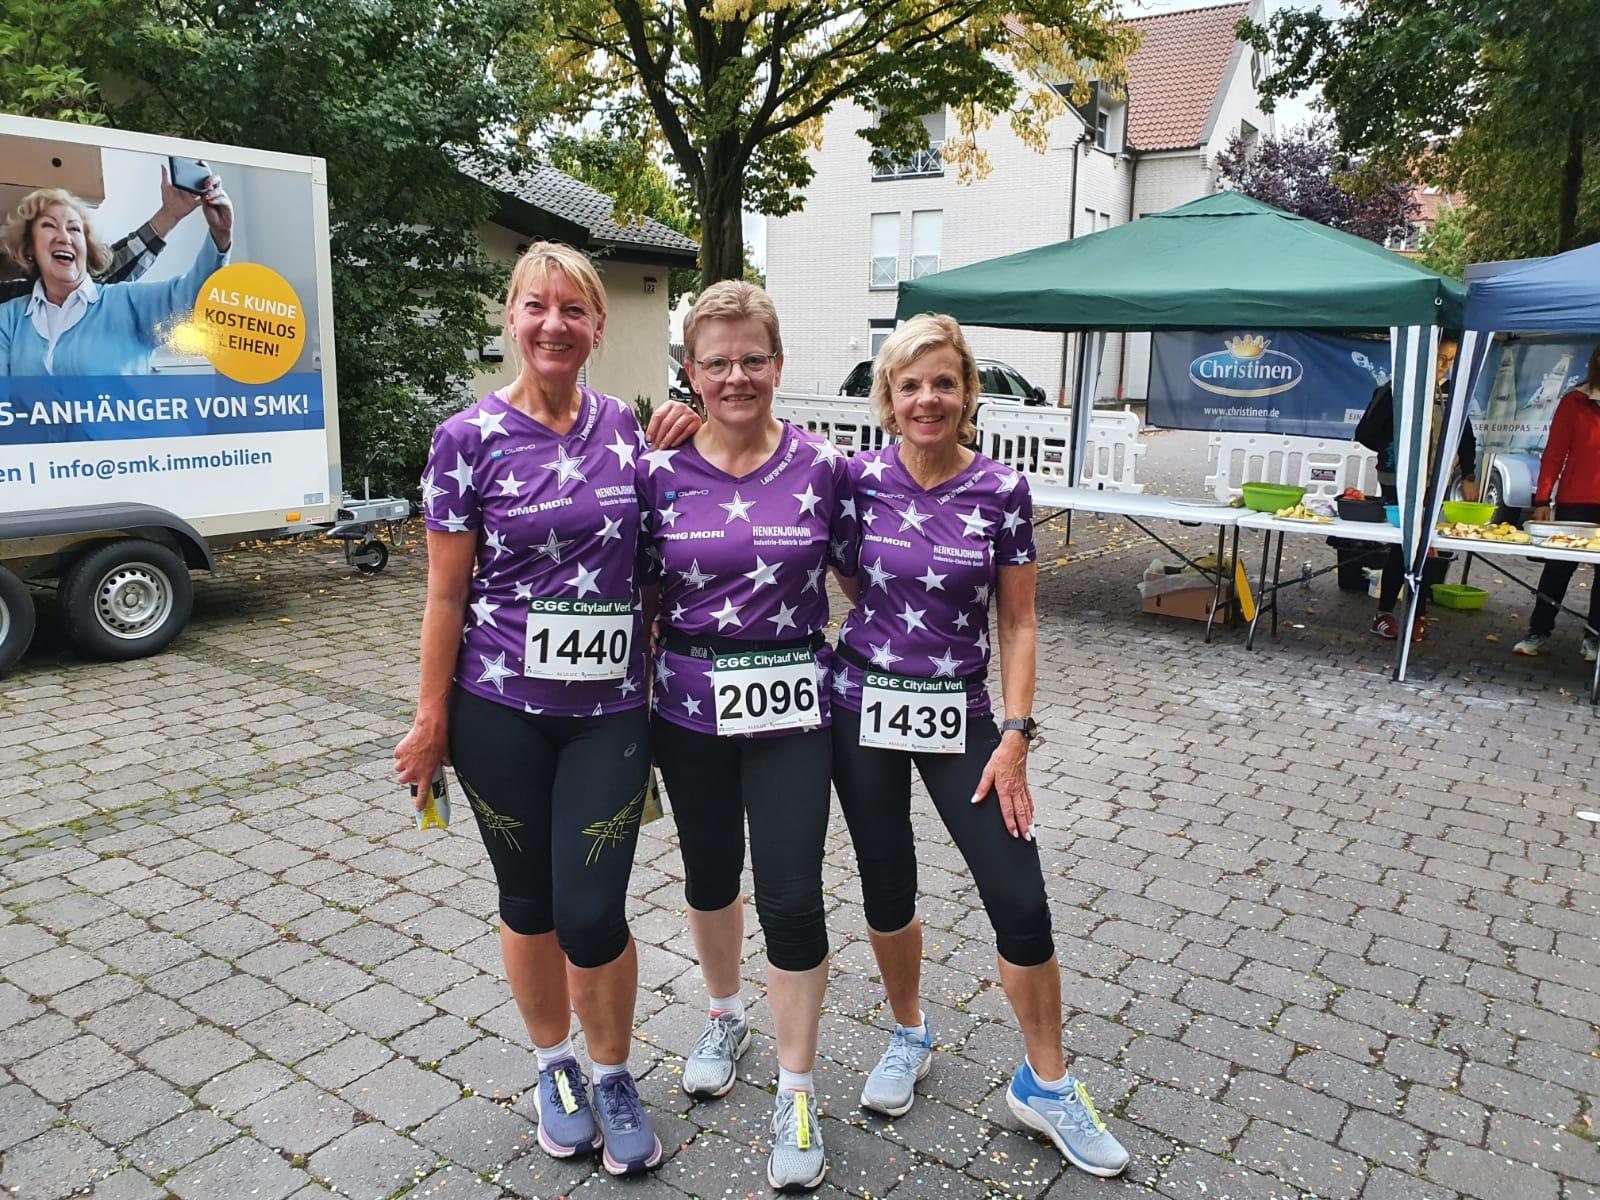 Oesterwinter-Suckow-Heide-35-Challenge-VerlerCitylauf-jPFFg